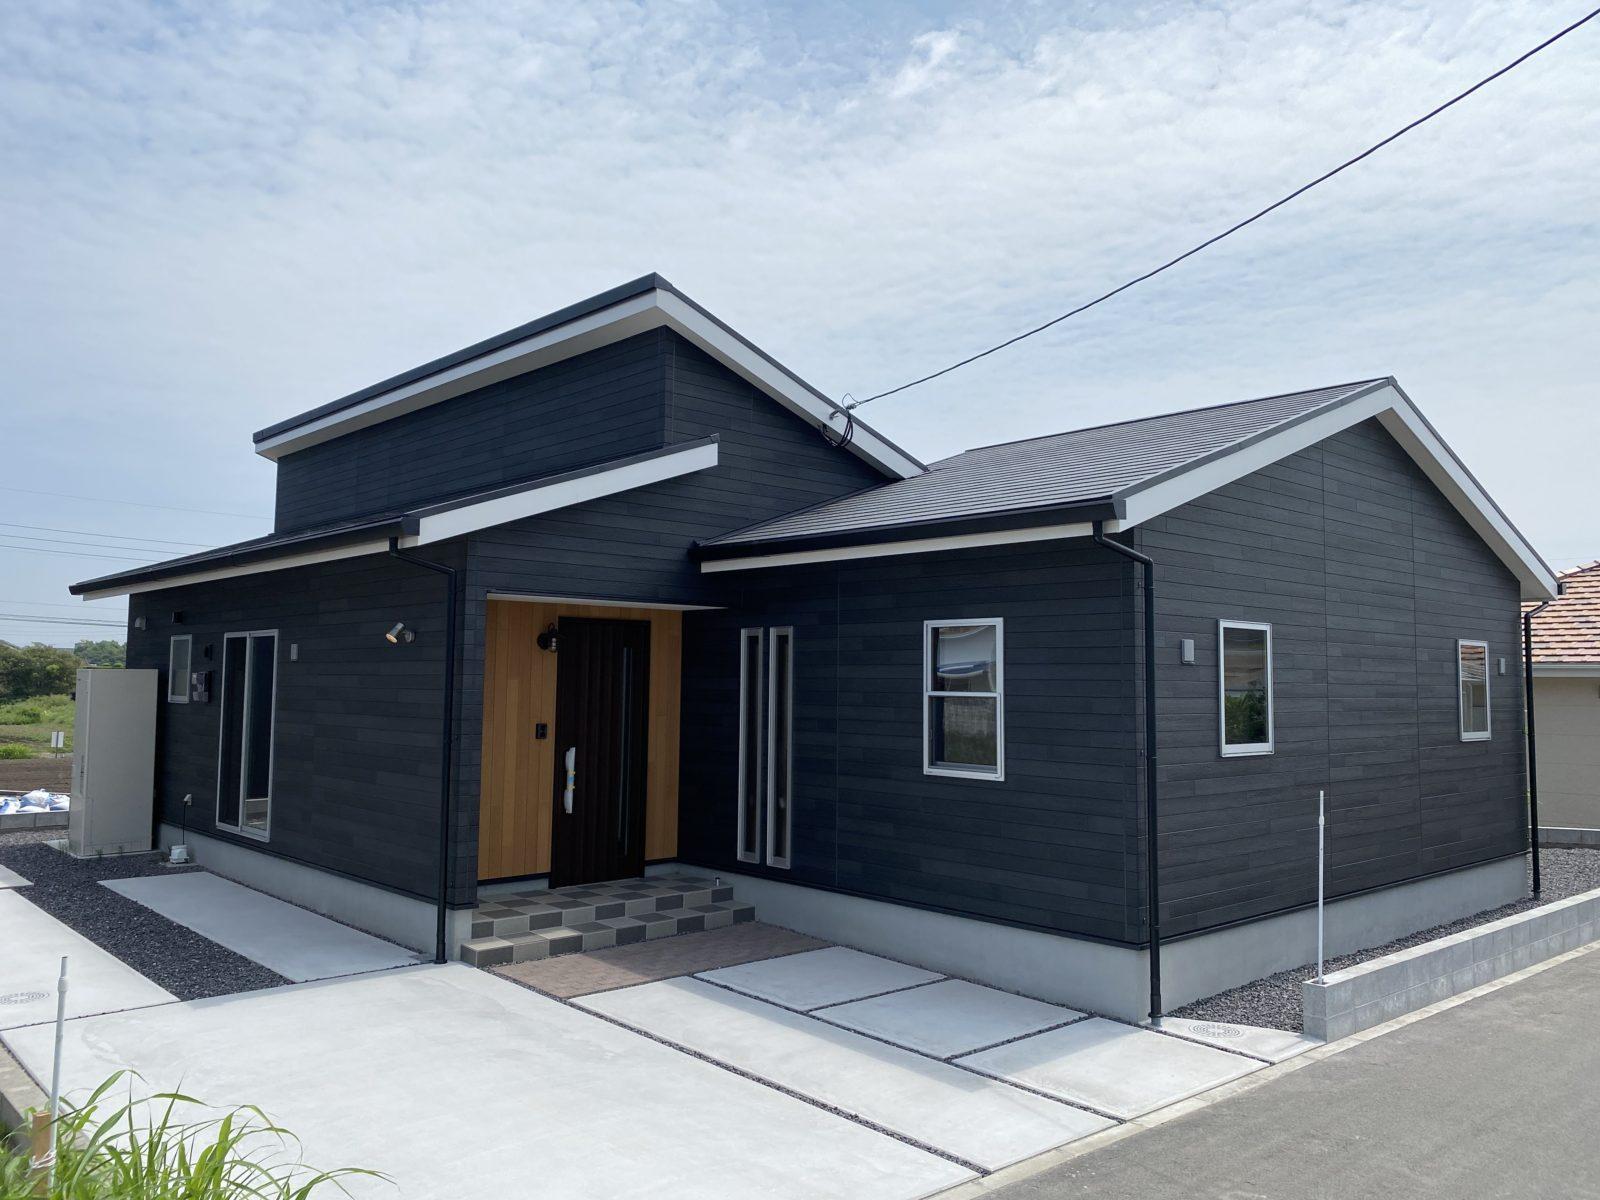 鹿屋市札元平屋モデルハウス | センチュリーハウス